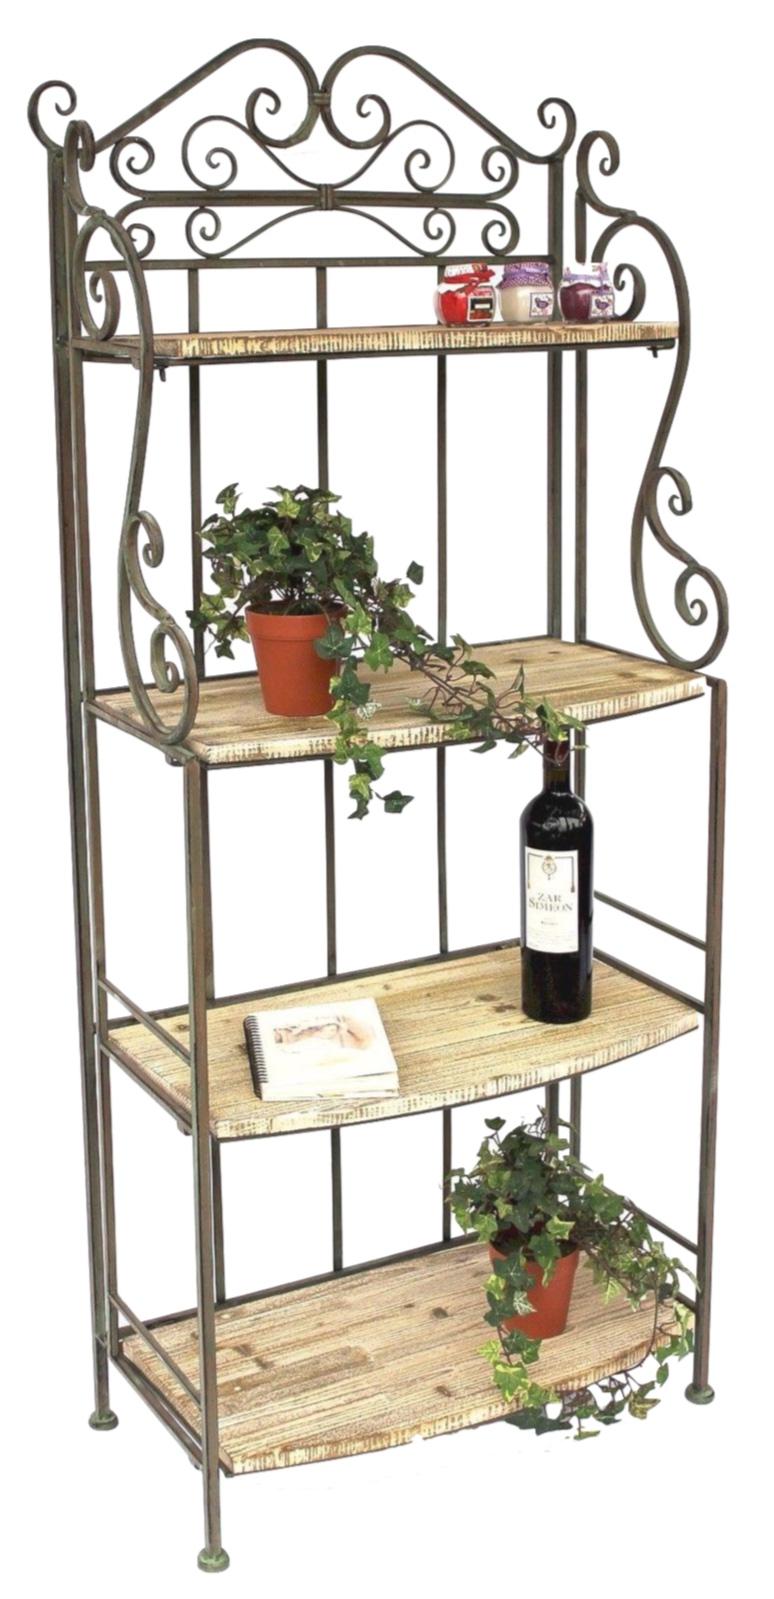 Tag re malega 12060 en m tal et bois 150 cm livres - Etagere metal salle de bain ...